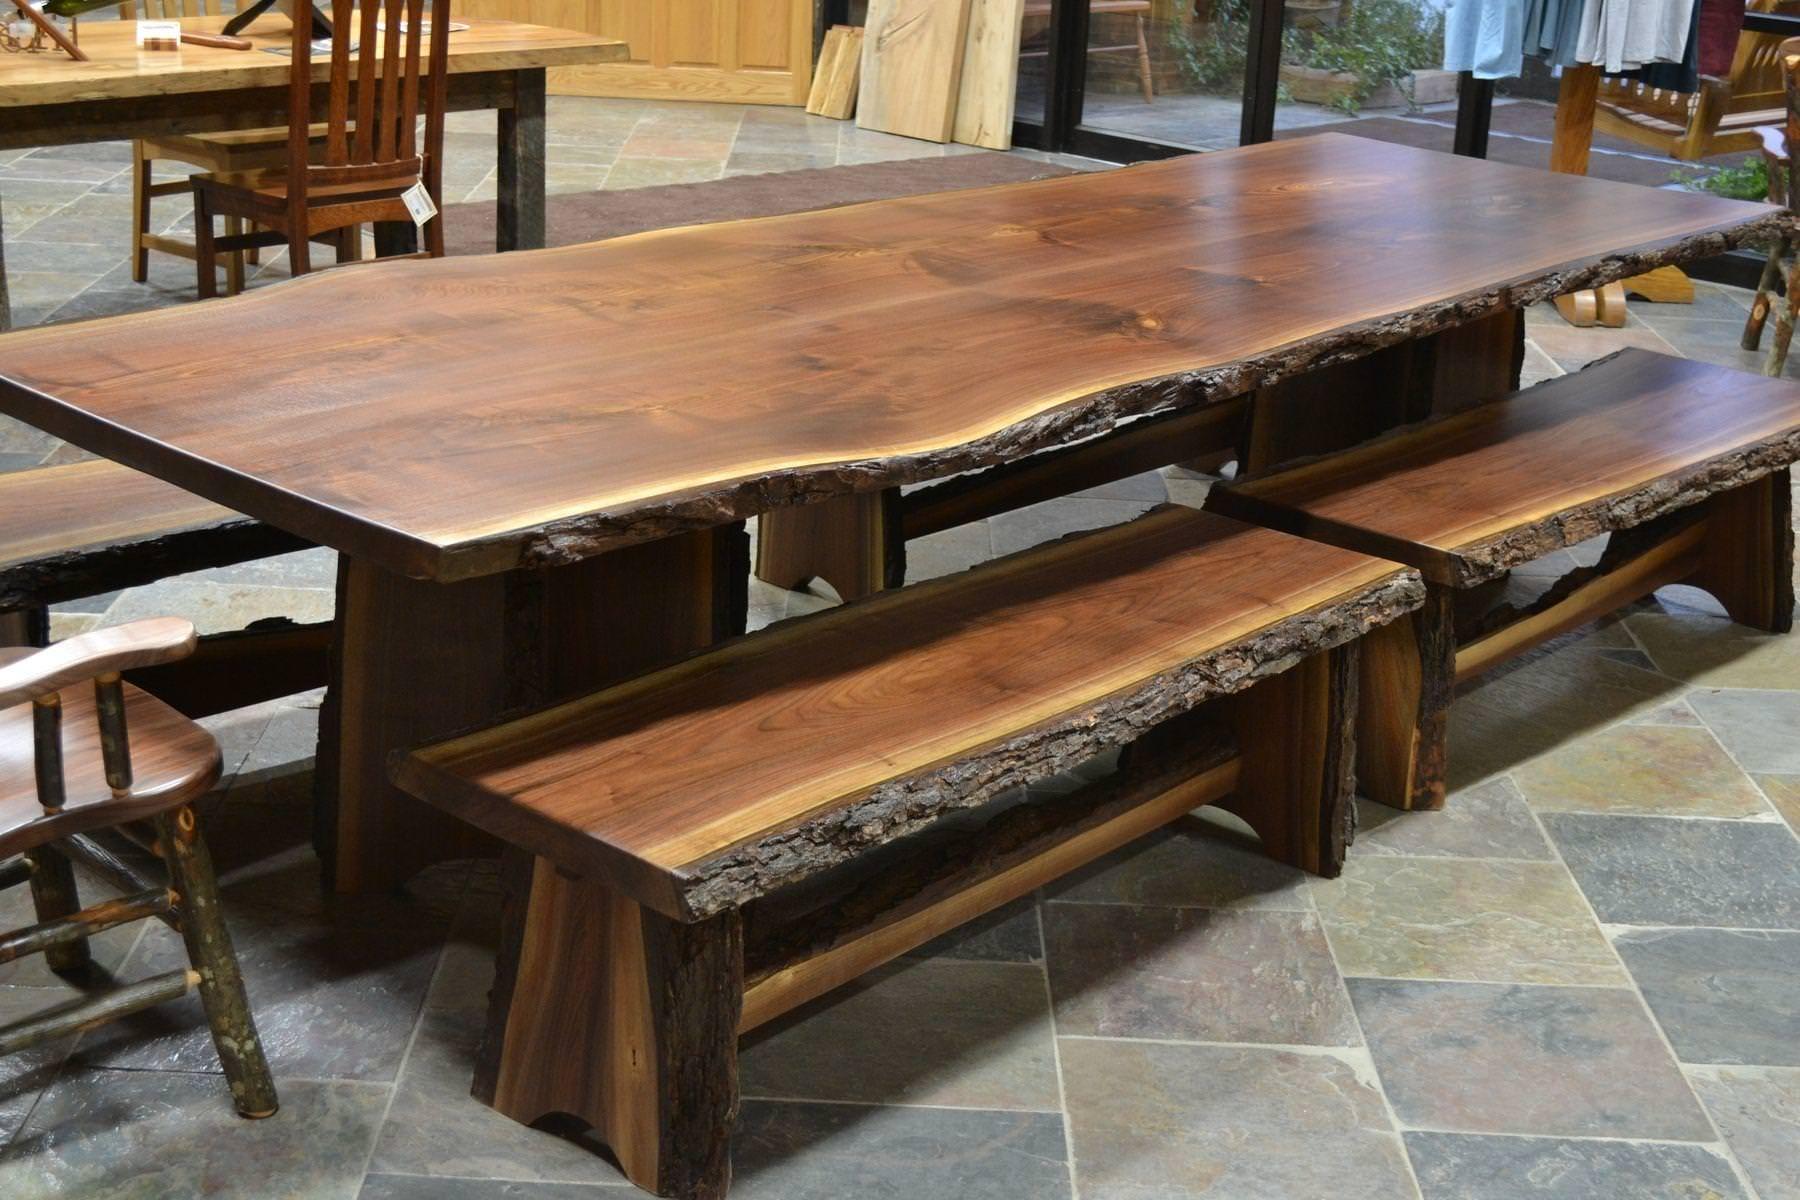 Tavolo in legno massello tavolo con bordo rustico in legno massello di castagno noce - Tavolo legno massello ...